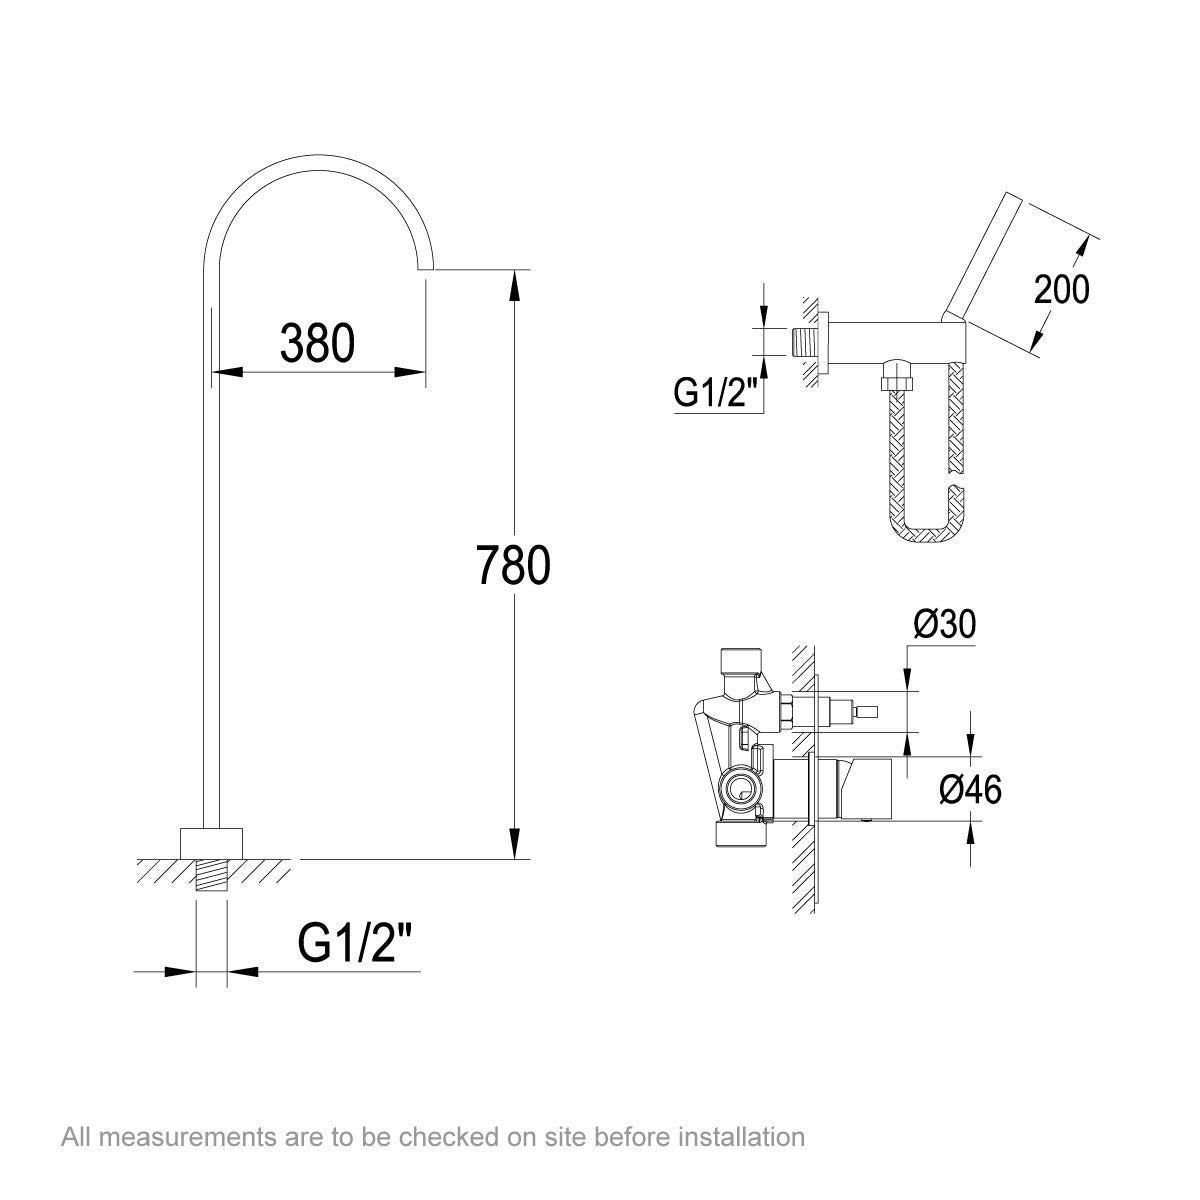 Dimensions for Belle de Louvain Avanzi bath tap